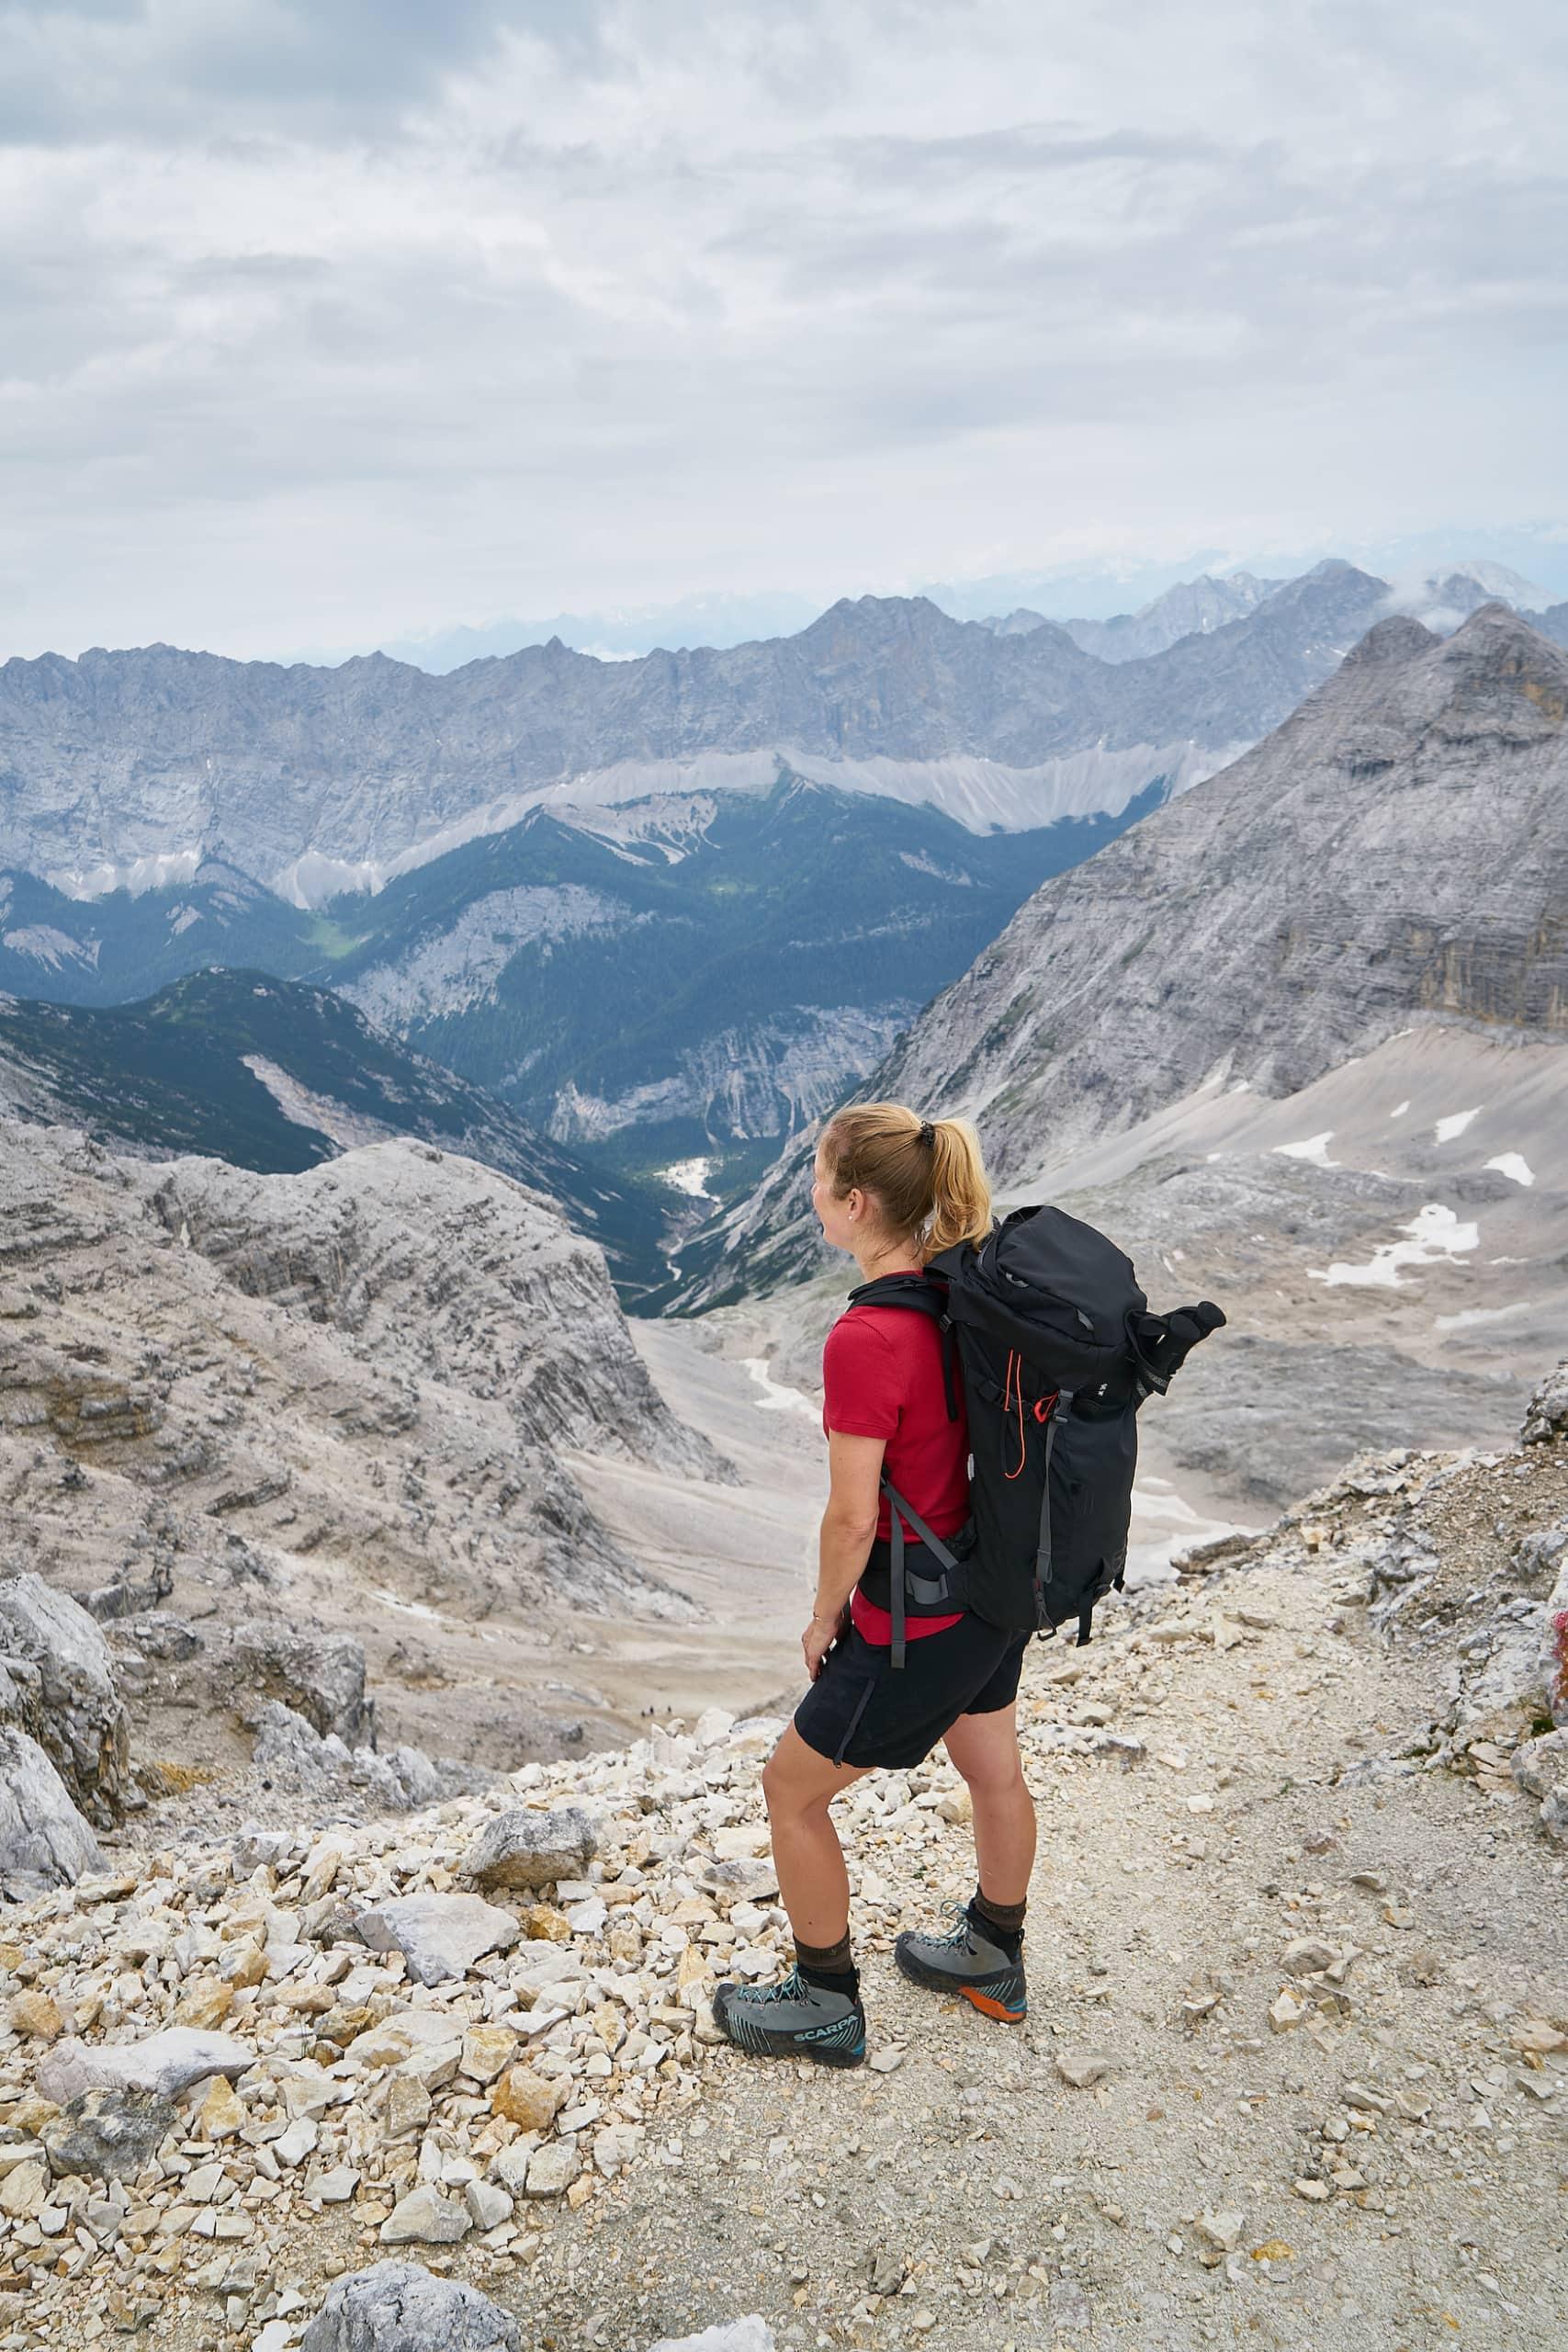 Frau hat die Spitze einer Wandertour im Karwendelgebirge erreicht